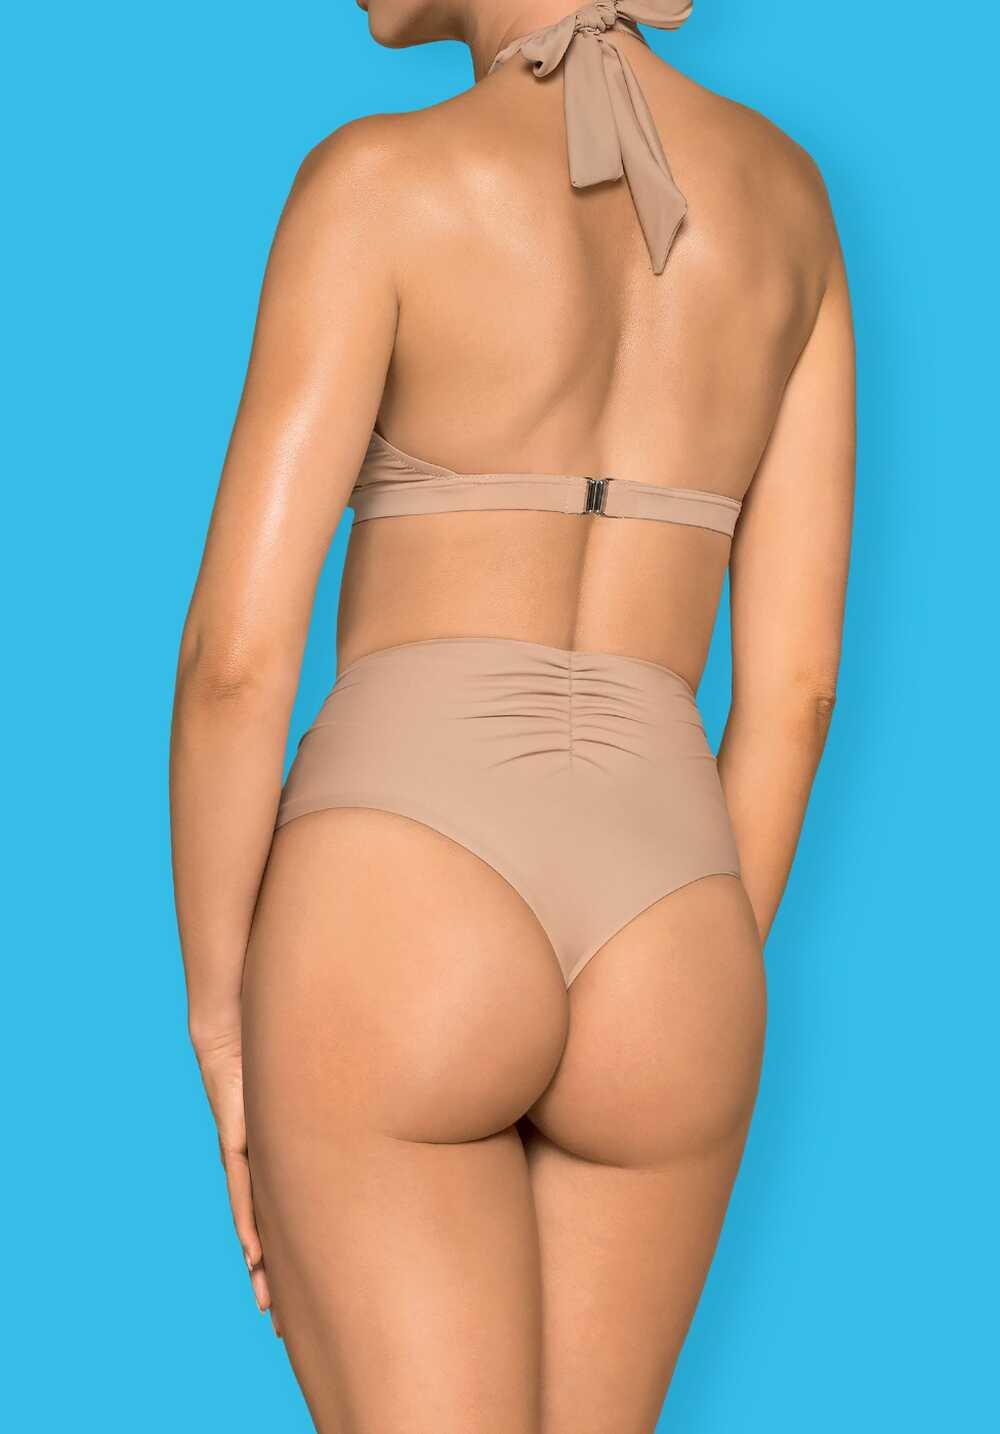 Afbeelding2 Artikel: Beige Bikini met hoge taille Variant: 1134 Parent:  Datum: 05/06/2020 21:23:29